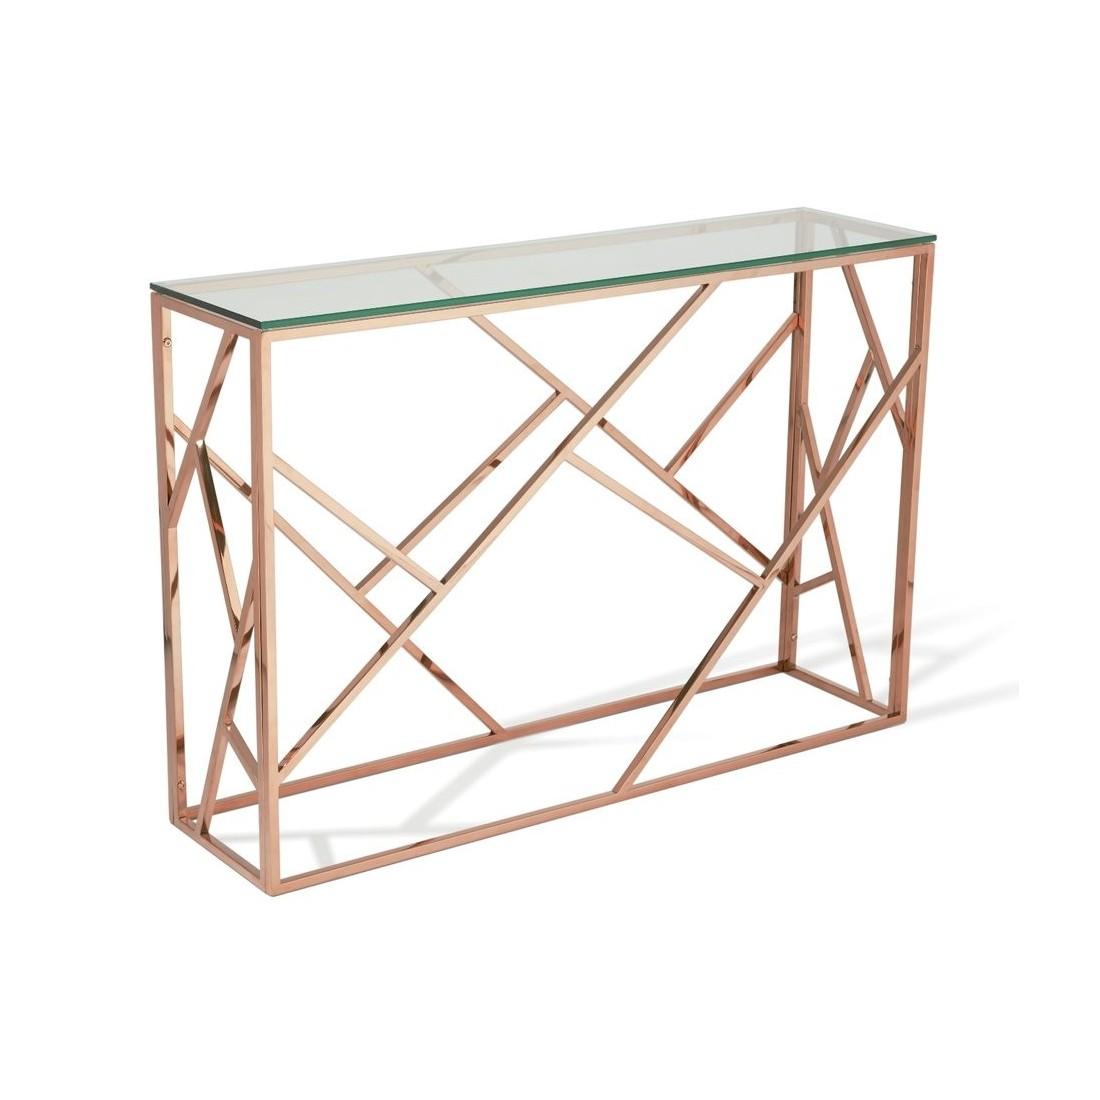 Spirit Home - Spirit PR konzolový stůl